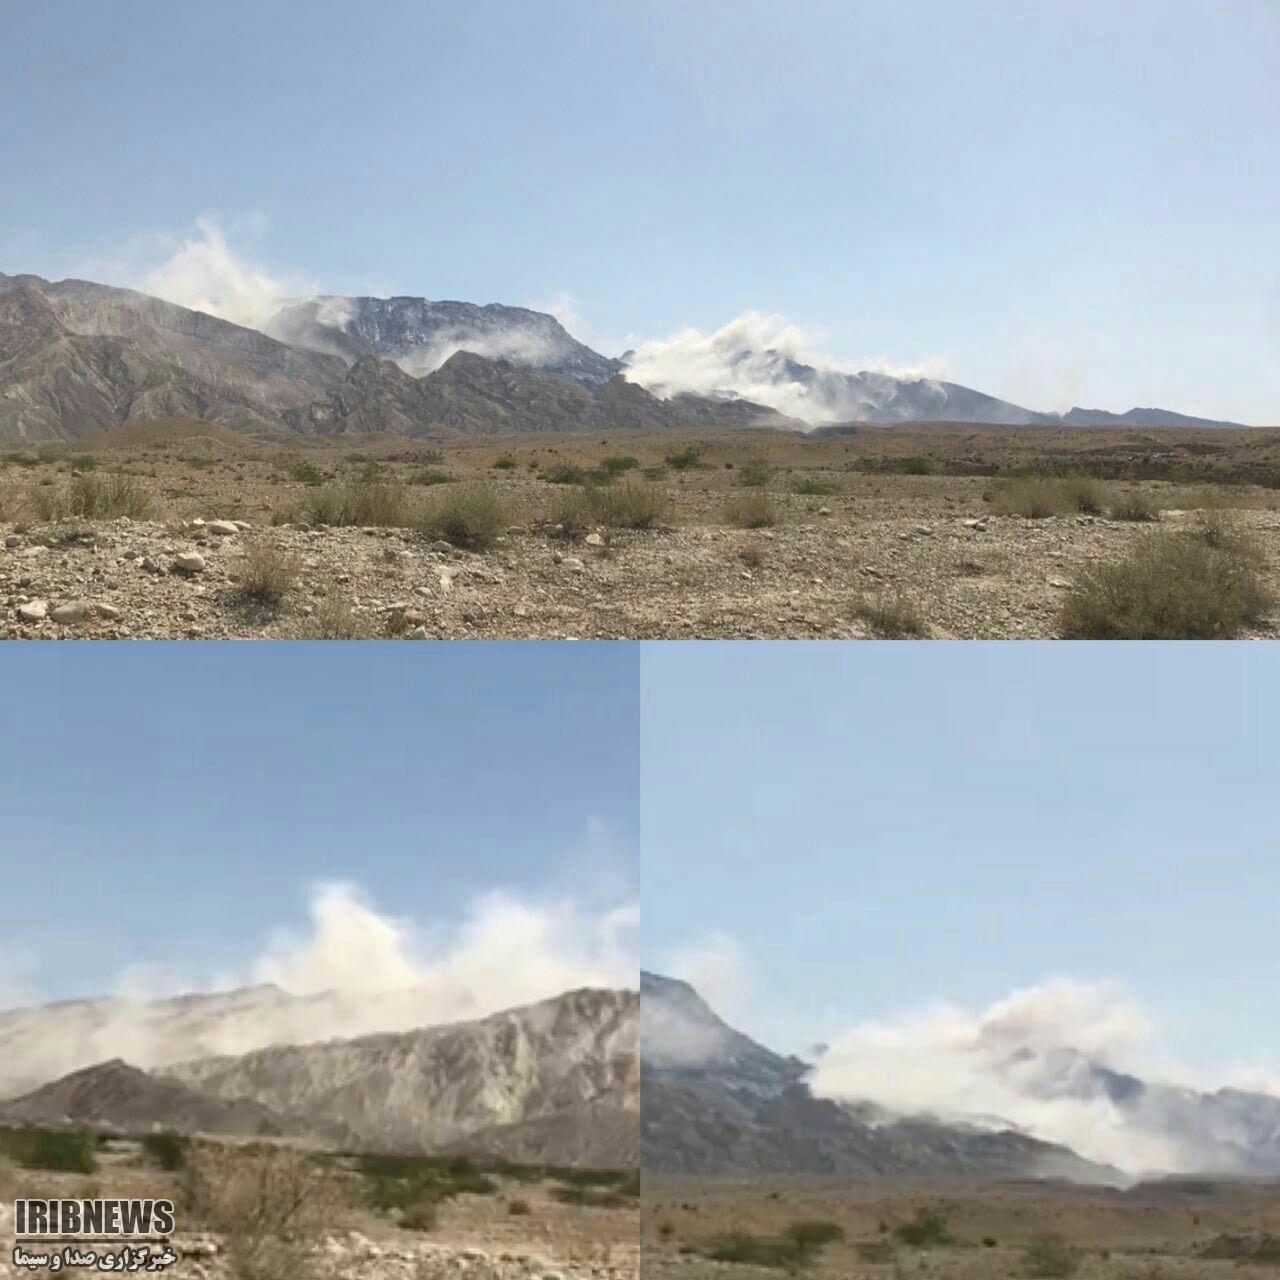 هیچ گردشگری در منطقه زلزله زده حضور نداشته است